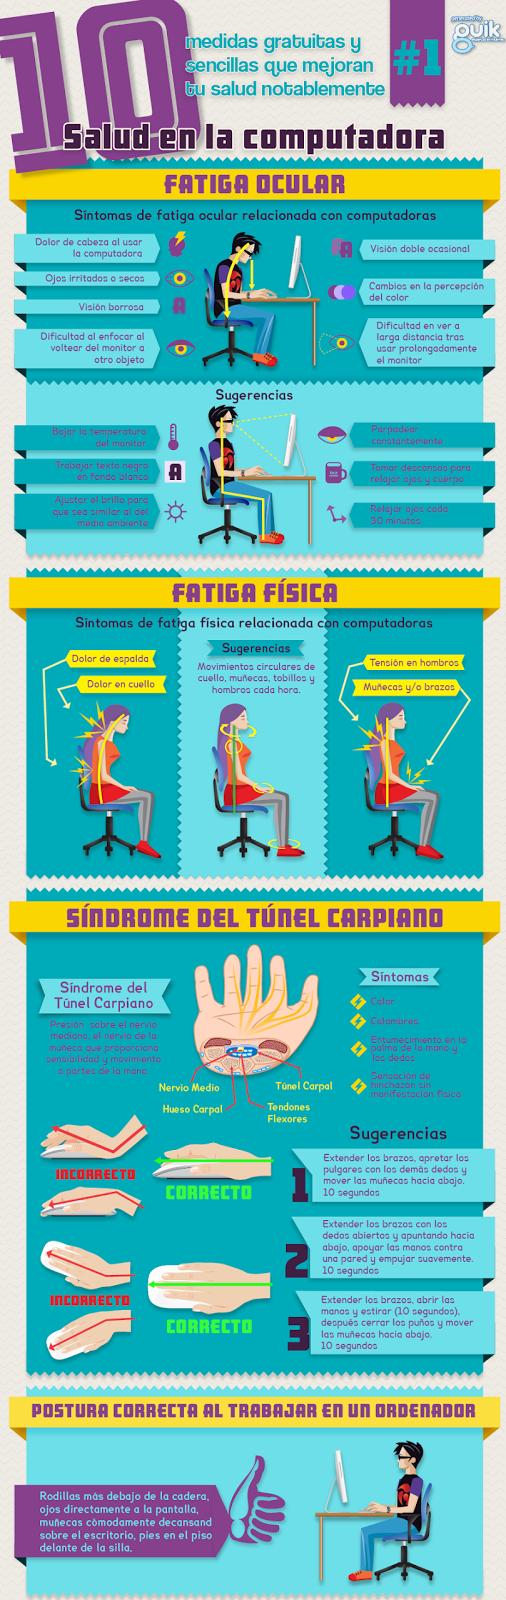 infografía consejos internet y salud para evitar el dolor 2013